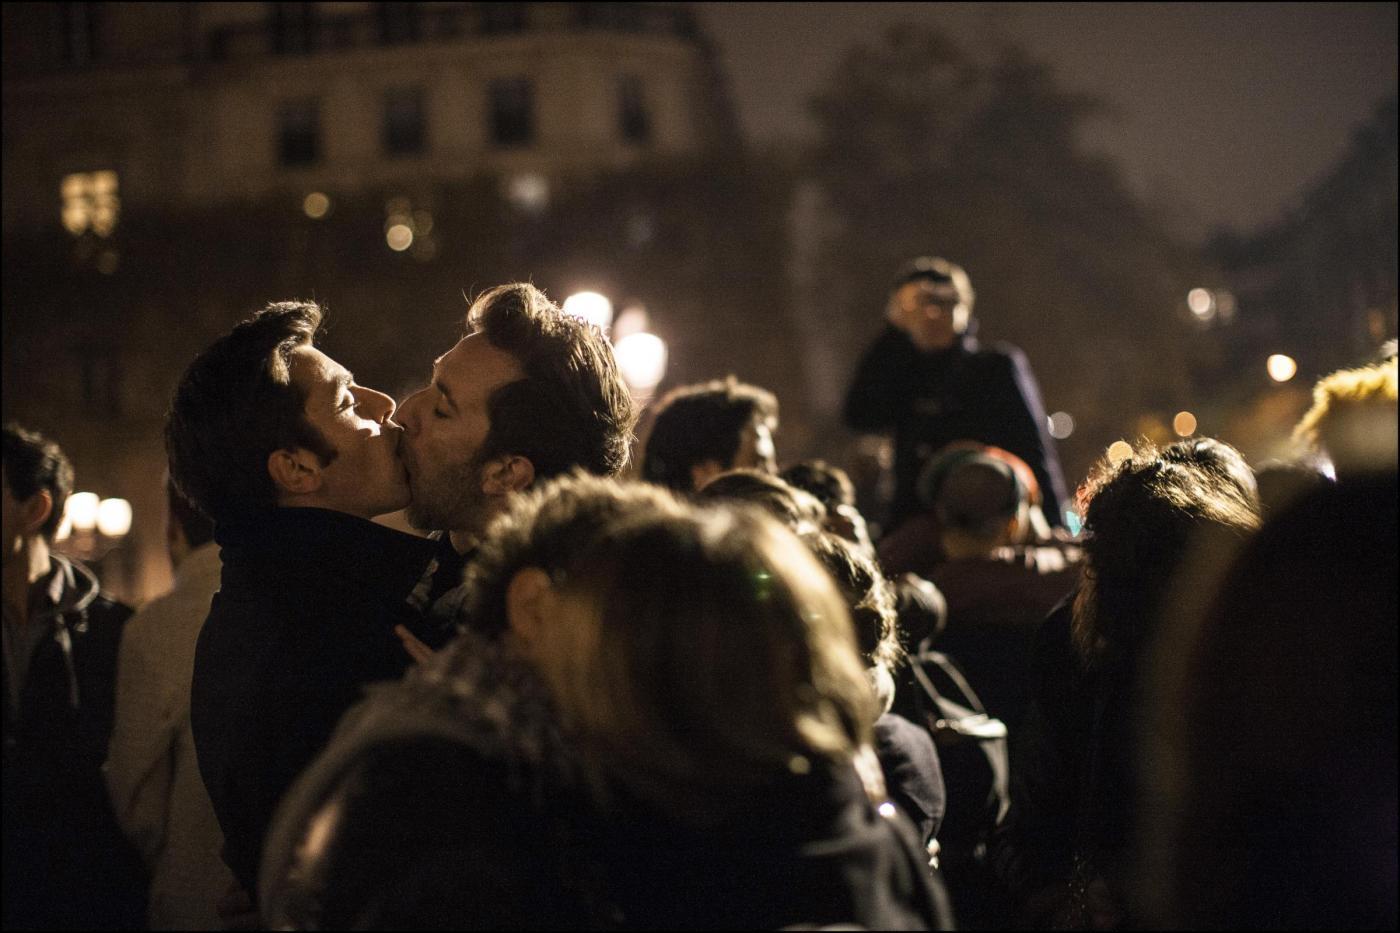 Coppie gay riunite davanti al municipio 04